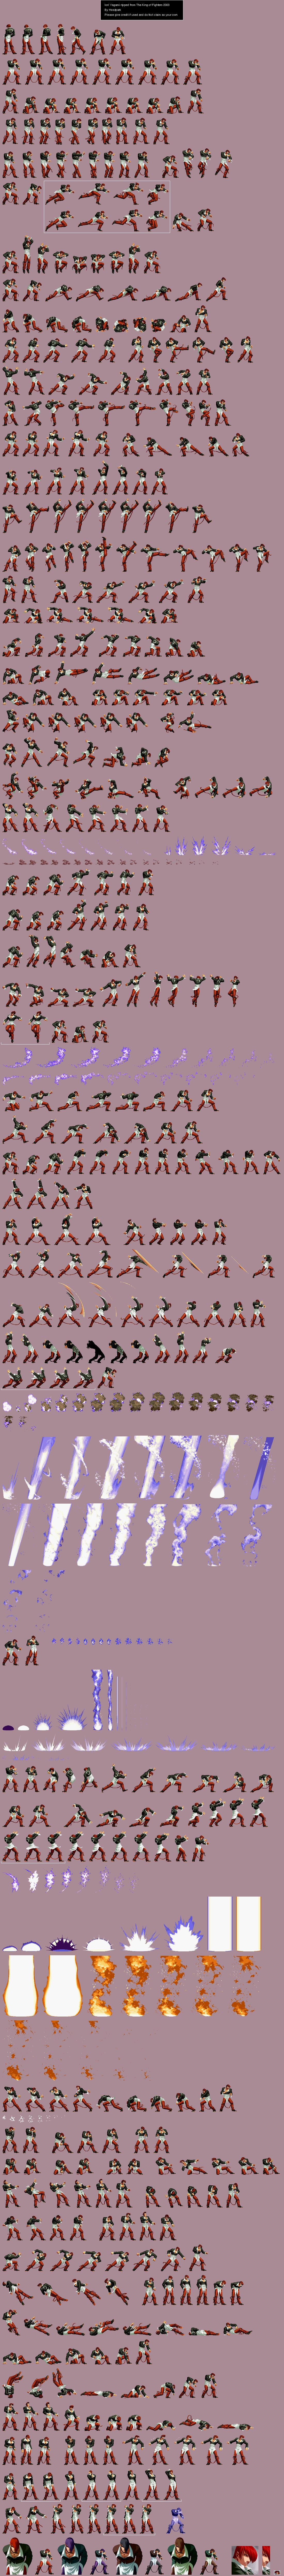 Sprite Database Iori Yagami Sprite Database Rune Knight Sprite